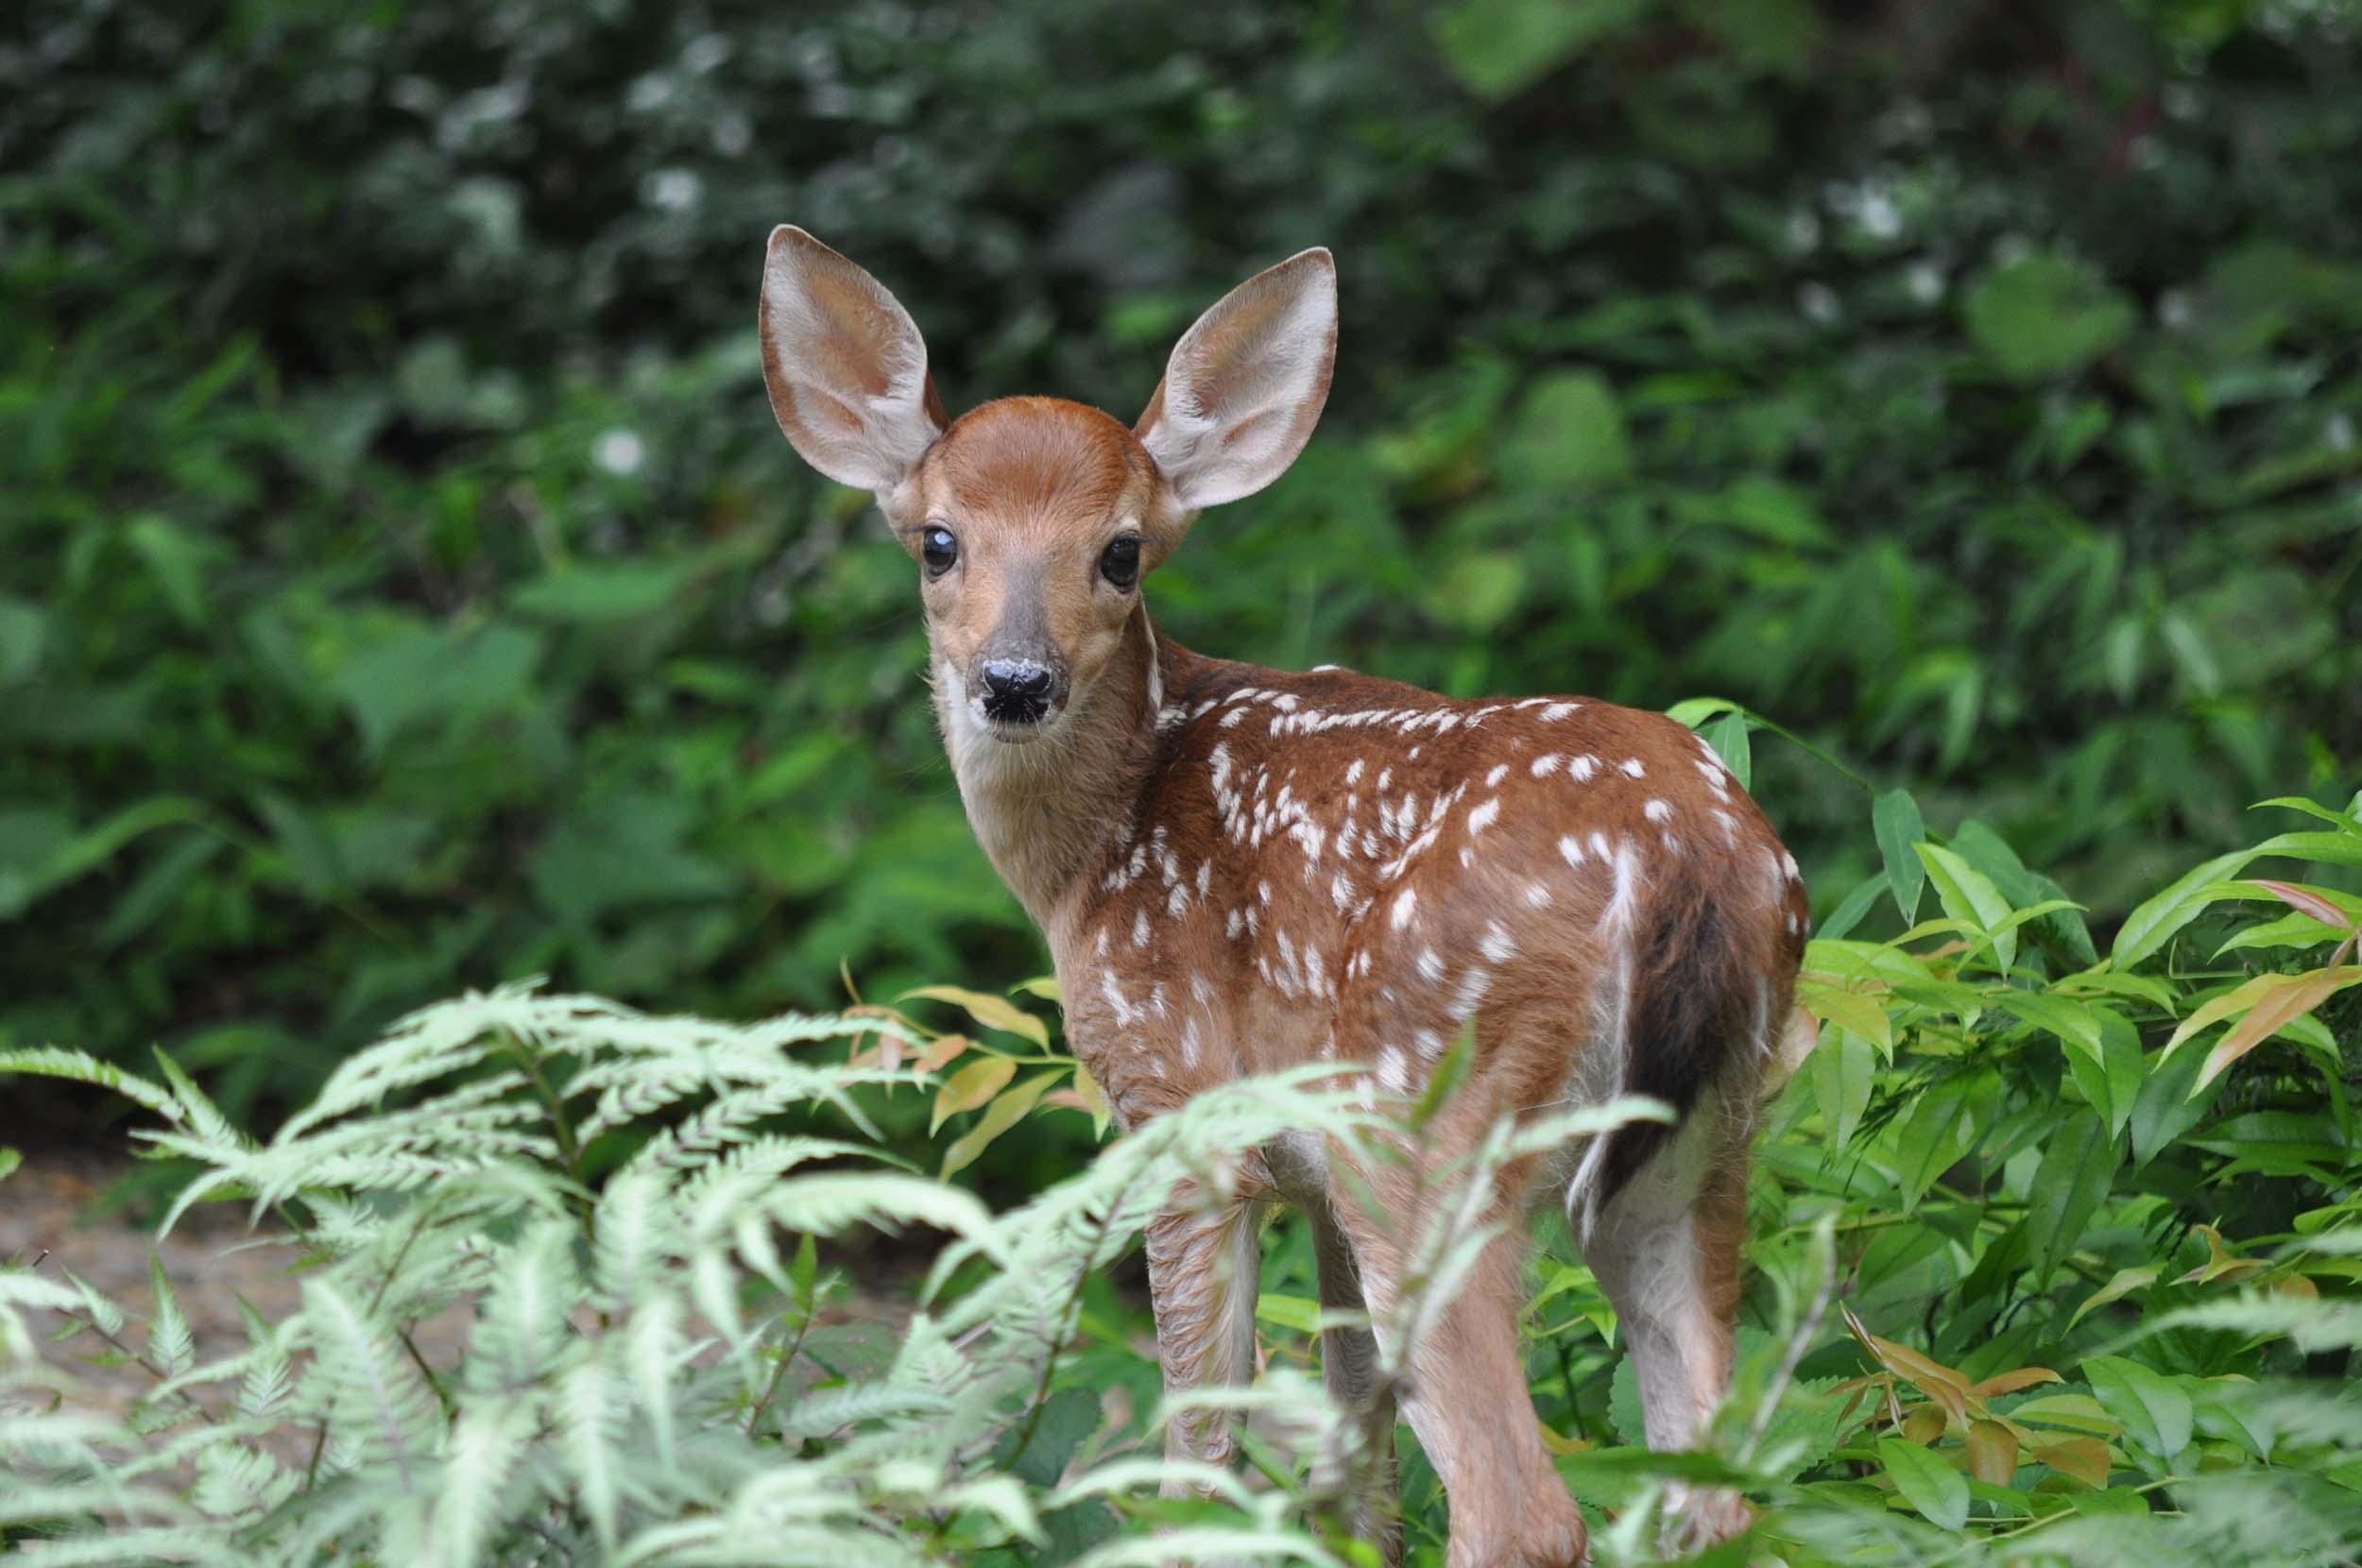 <b>White Tail Deer</b>